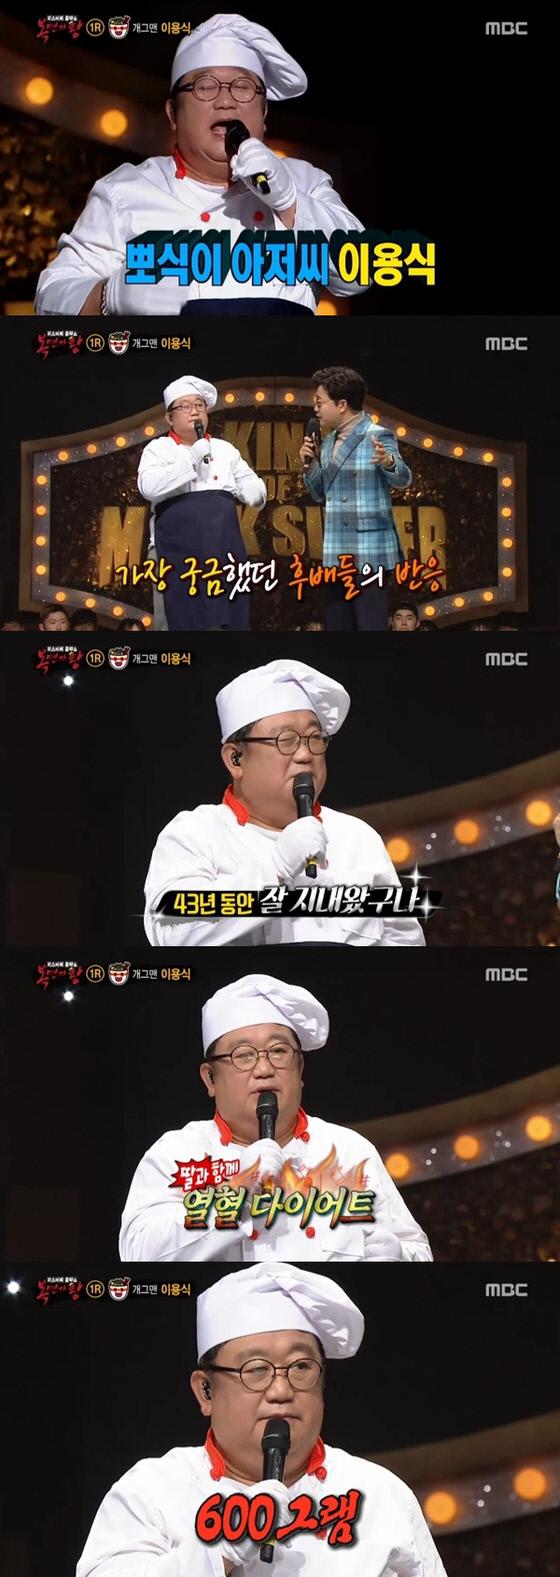 사진|MBC 복면가왕 방송 영상 갈무리